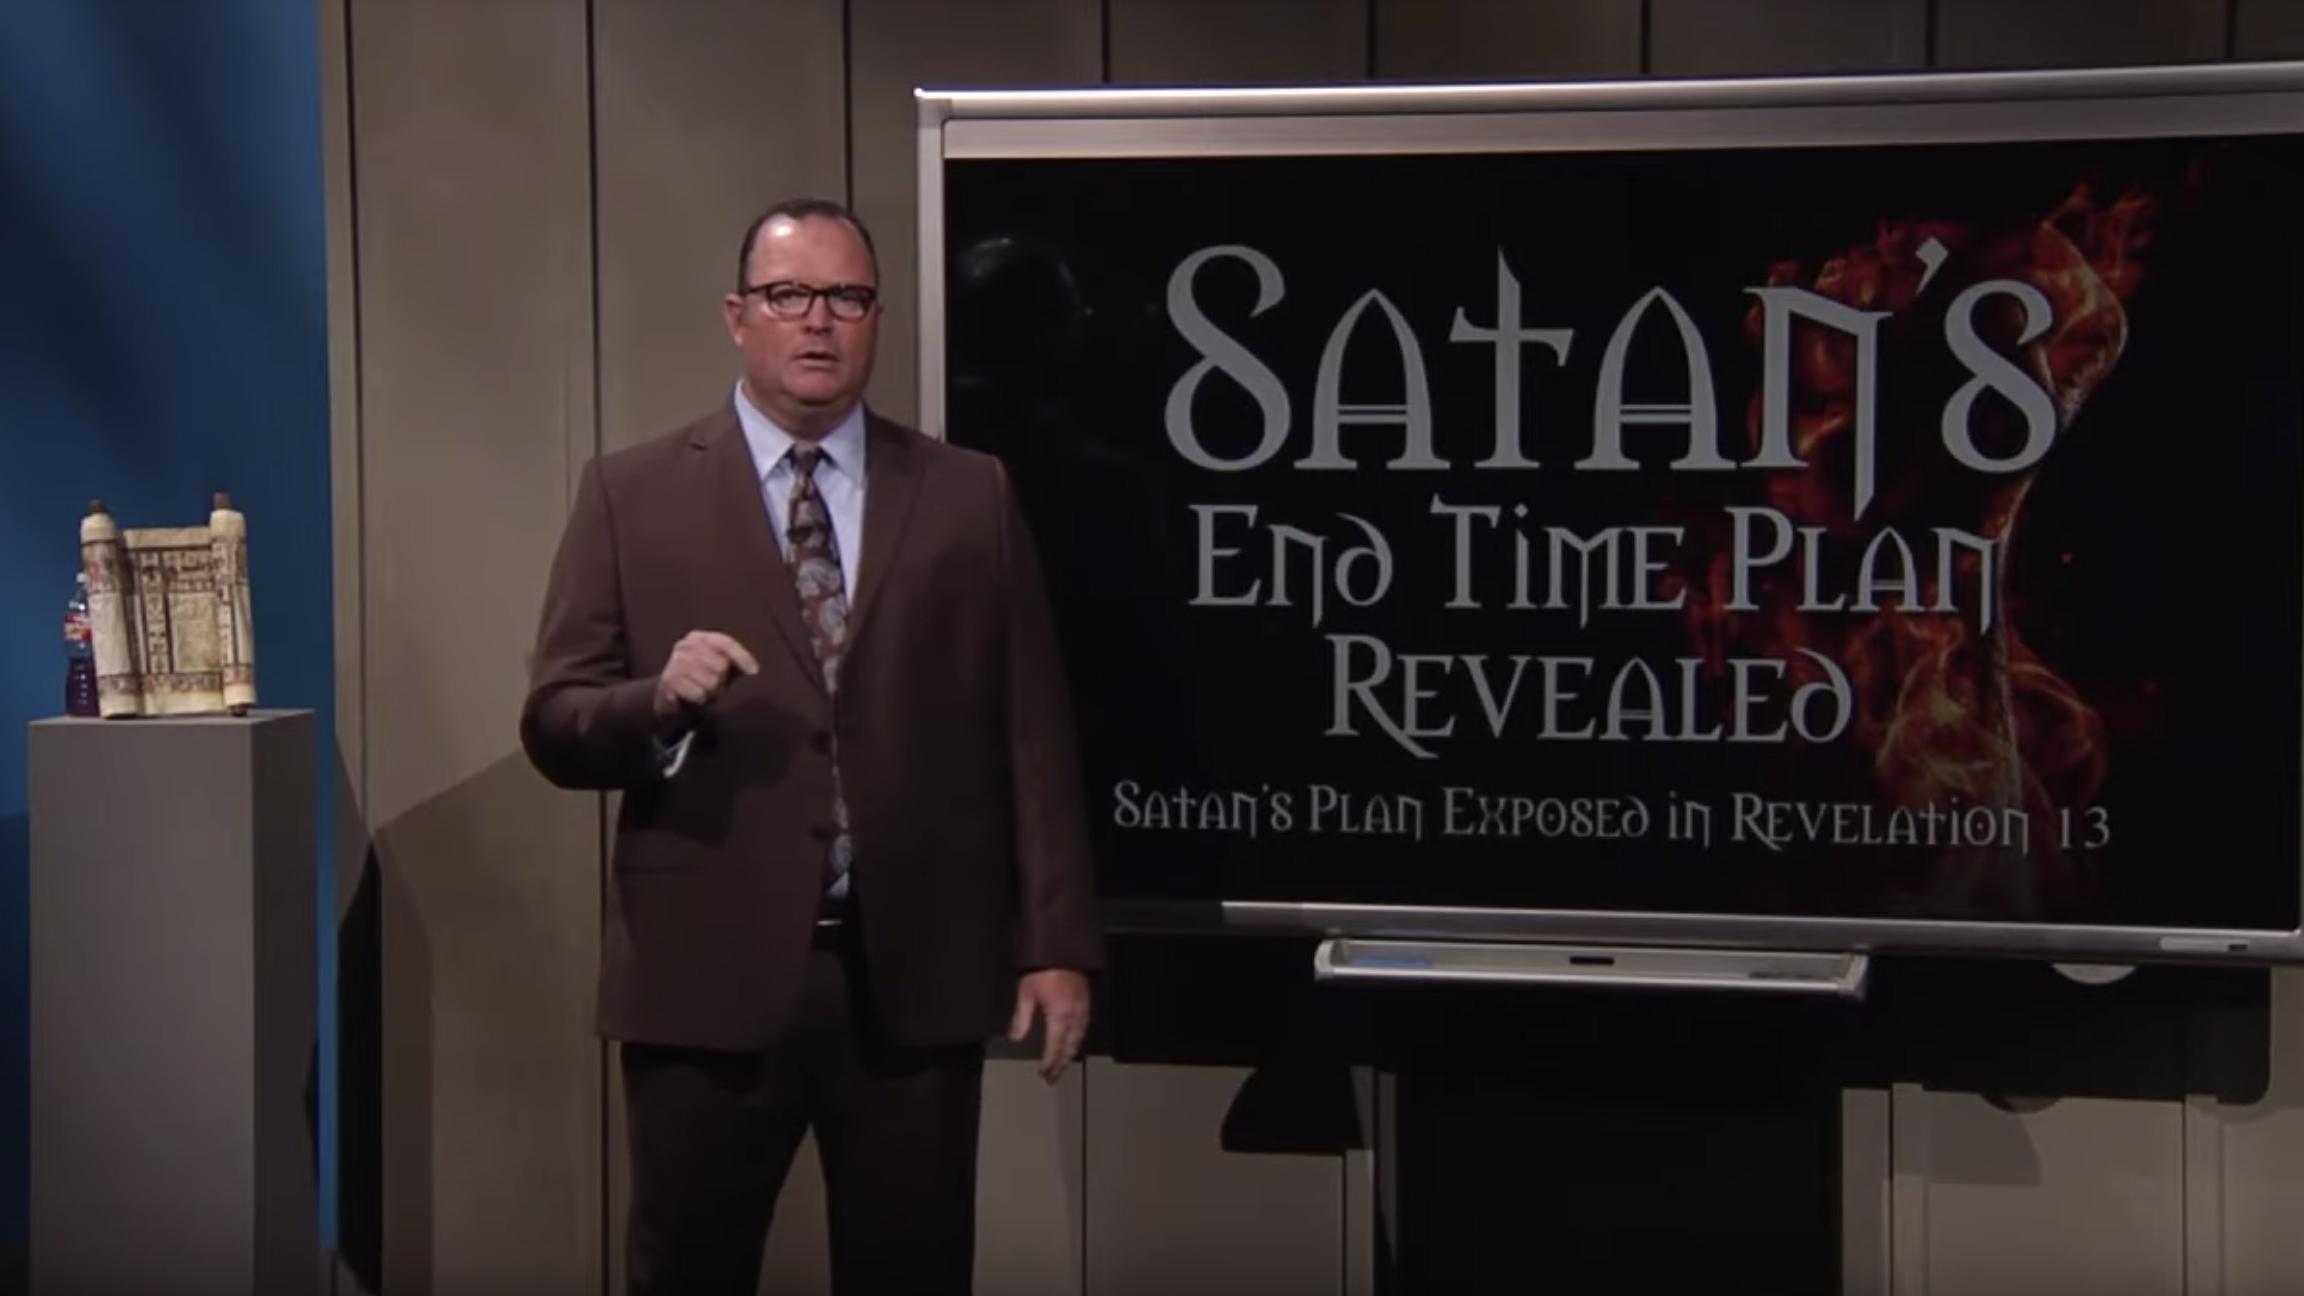 Satan's End Time Plan